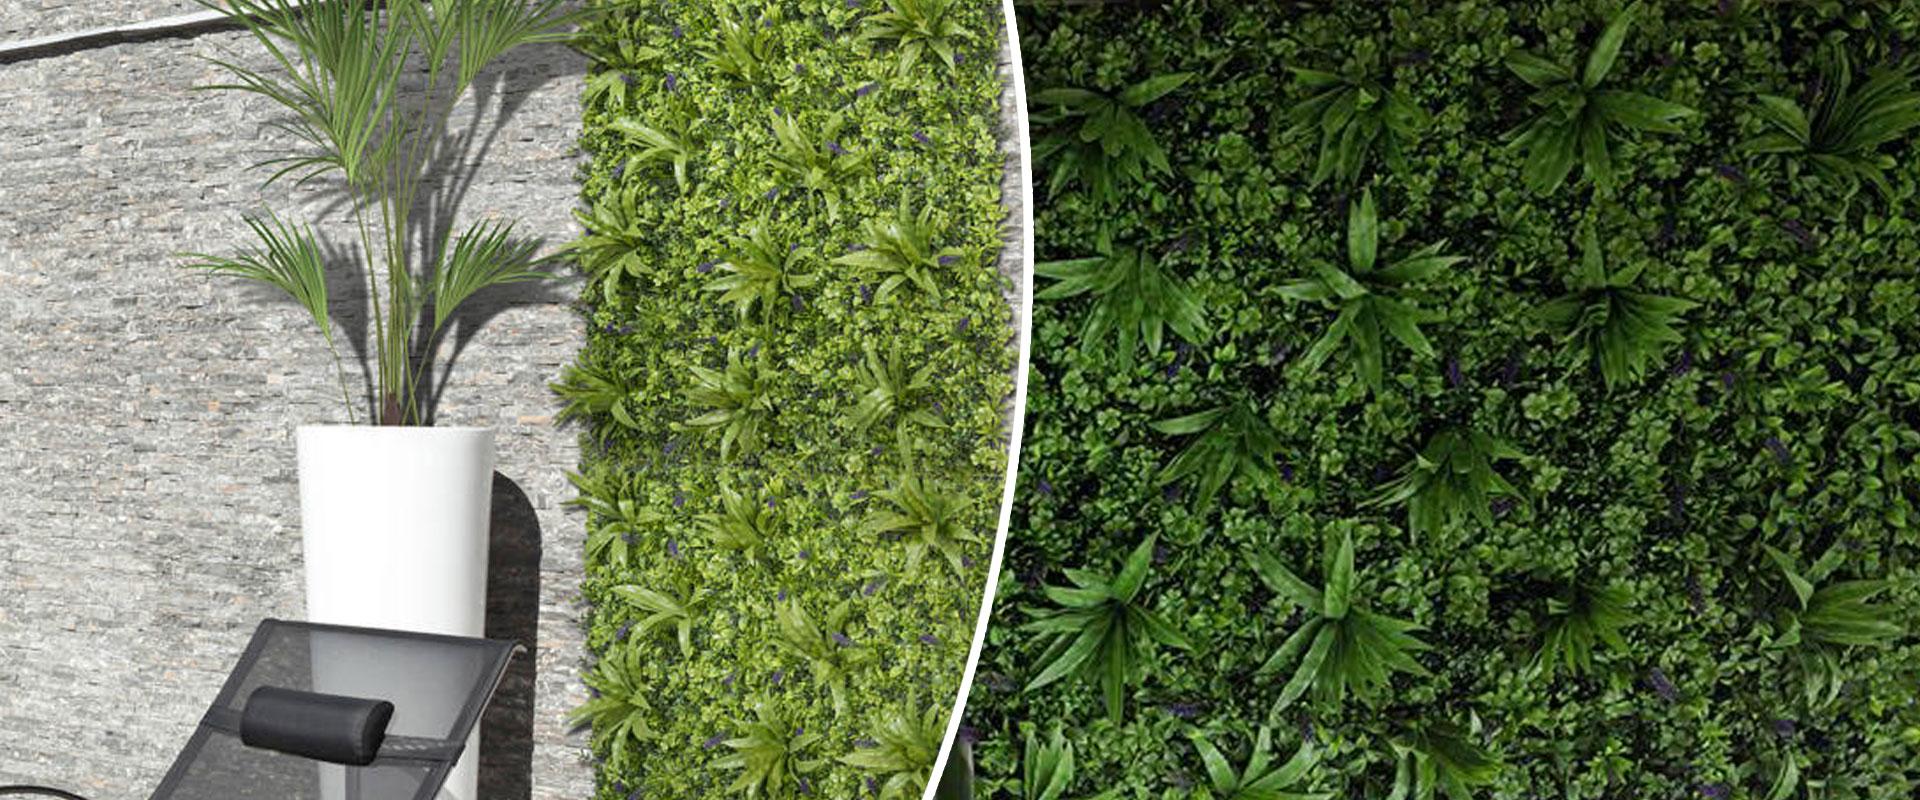 Nortene természetes hatású növényfal